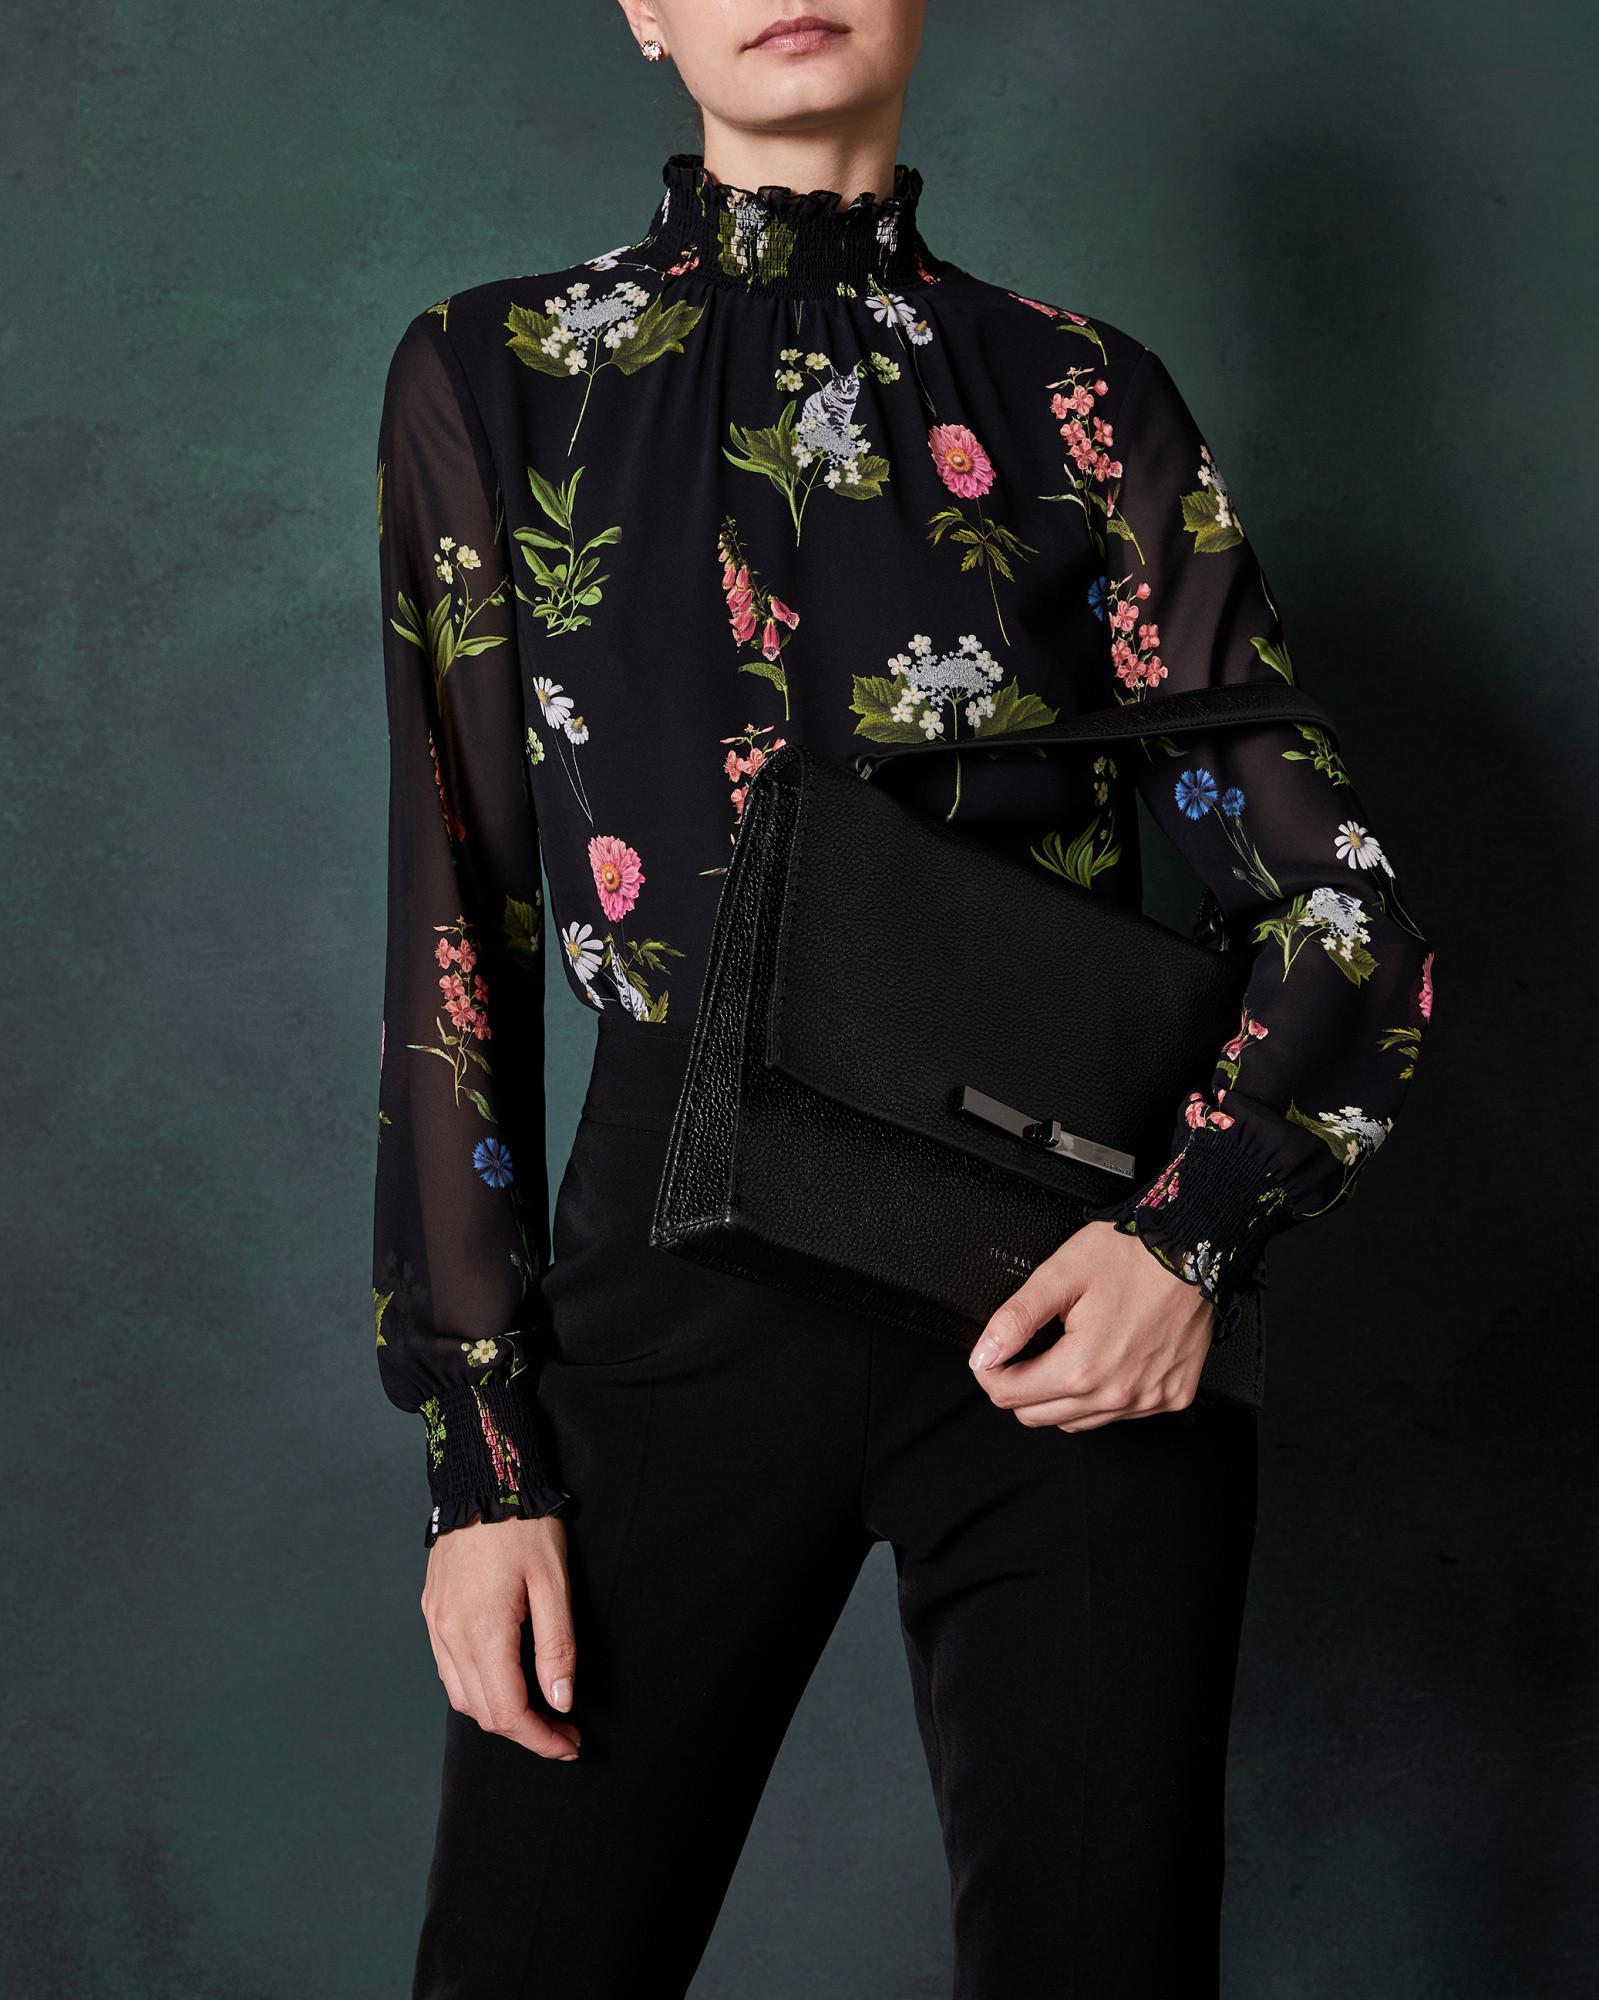 d18ee8681d51 Ted Baker Jessi Leather Shoulder Bag - in Black - Lyst